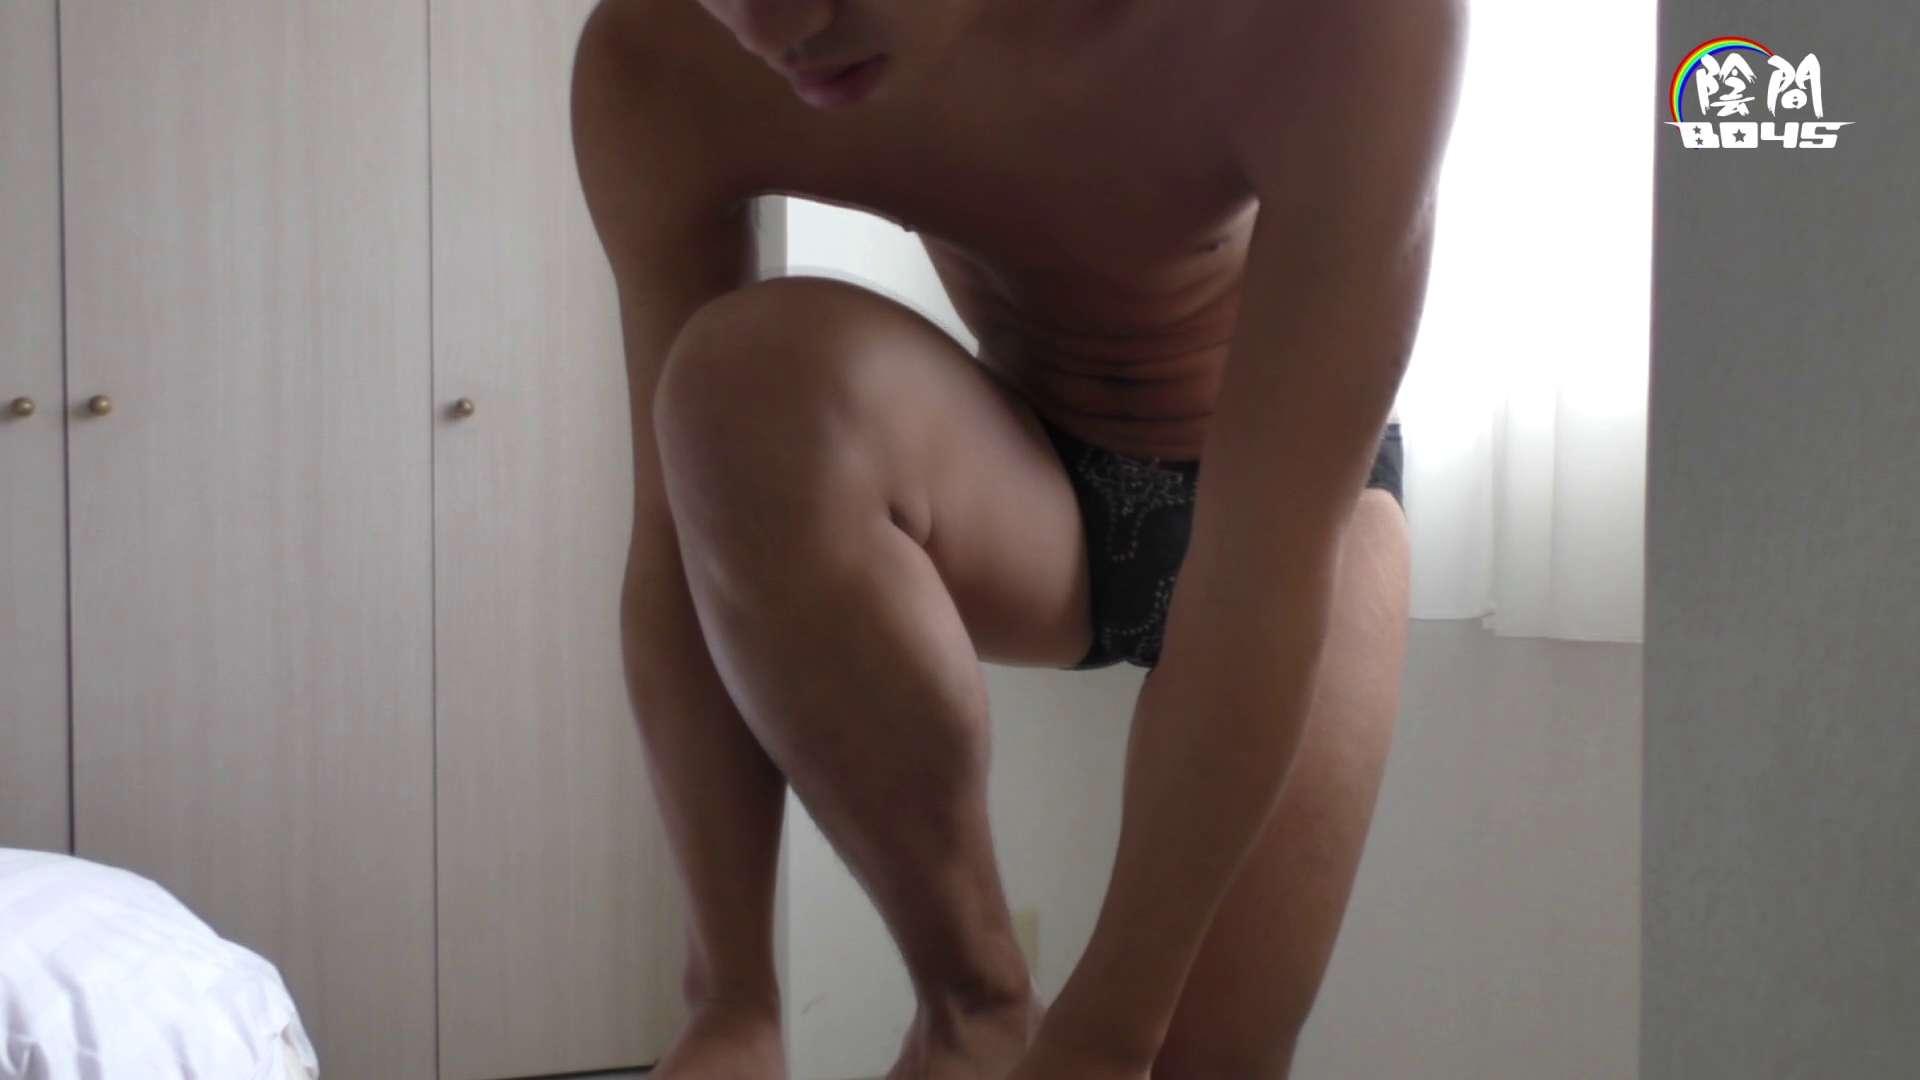 「君のアナルは」part2 ~ノンケの素顔~ Vol.01 お尻の穴 男同士動画 67pic 50